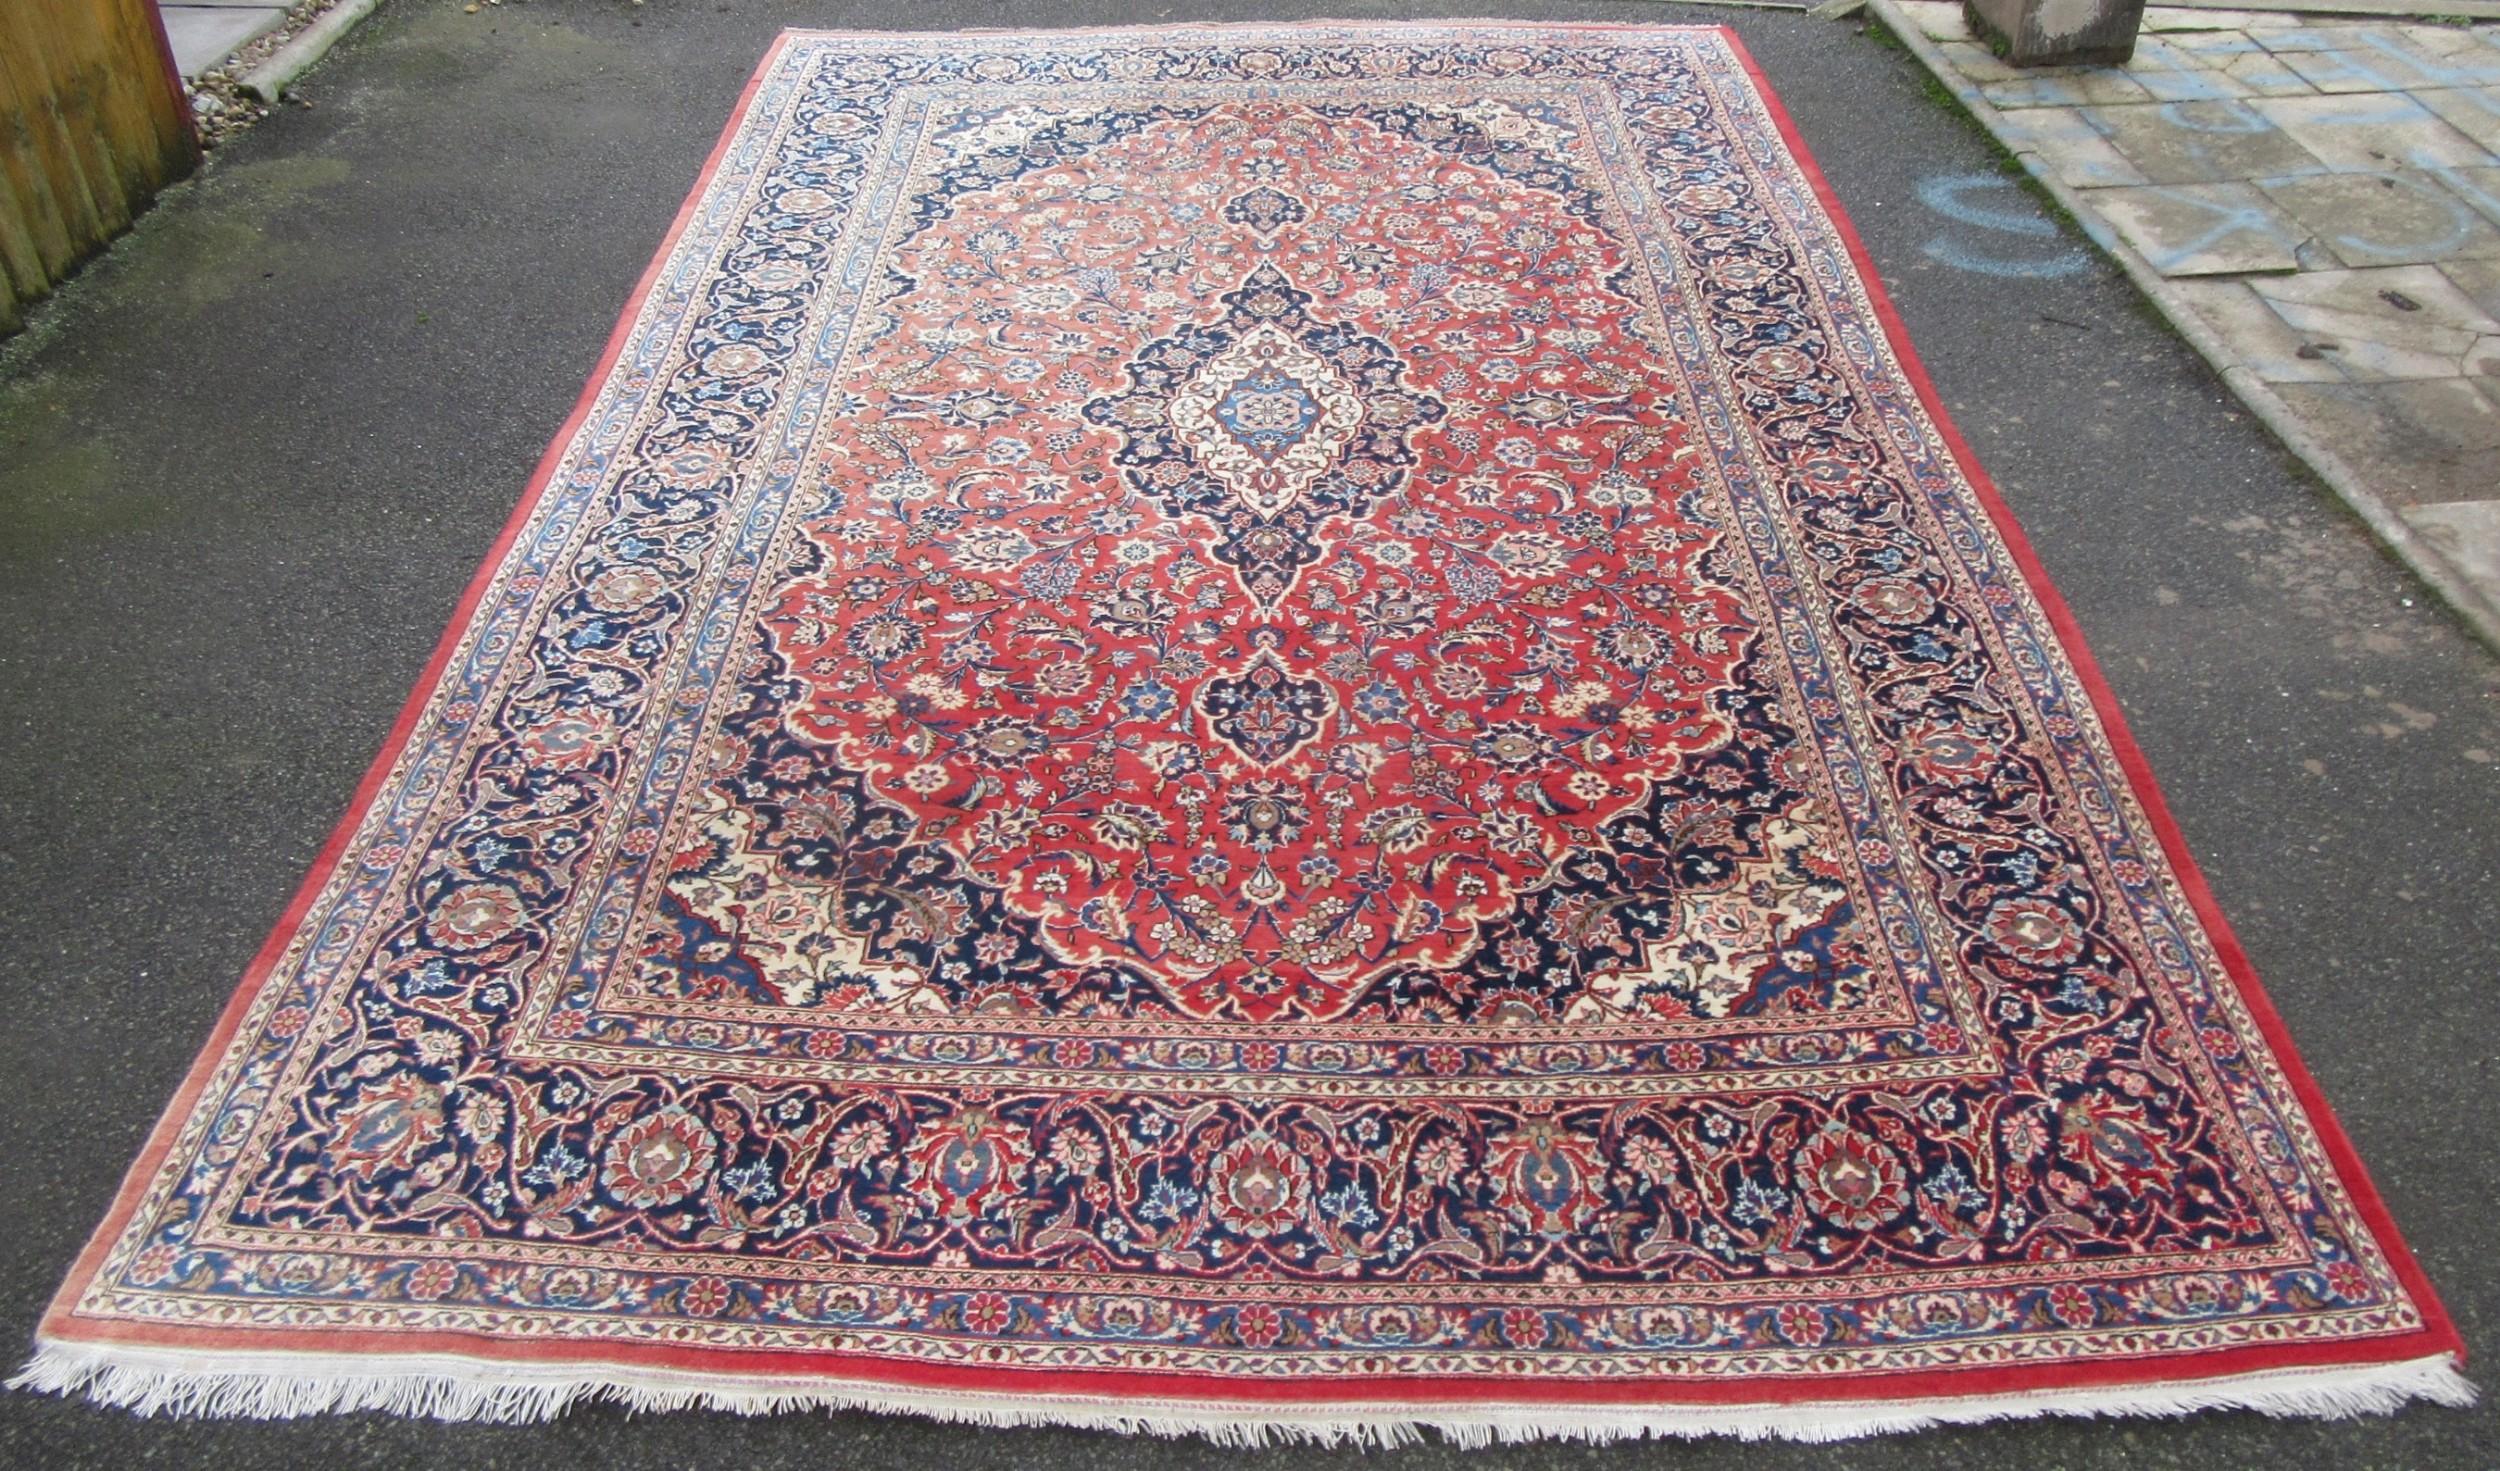 fine antique persian kashan carpet shah abbas pattern room size 369cm x 237cm